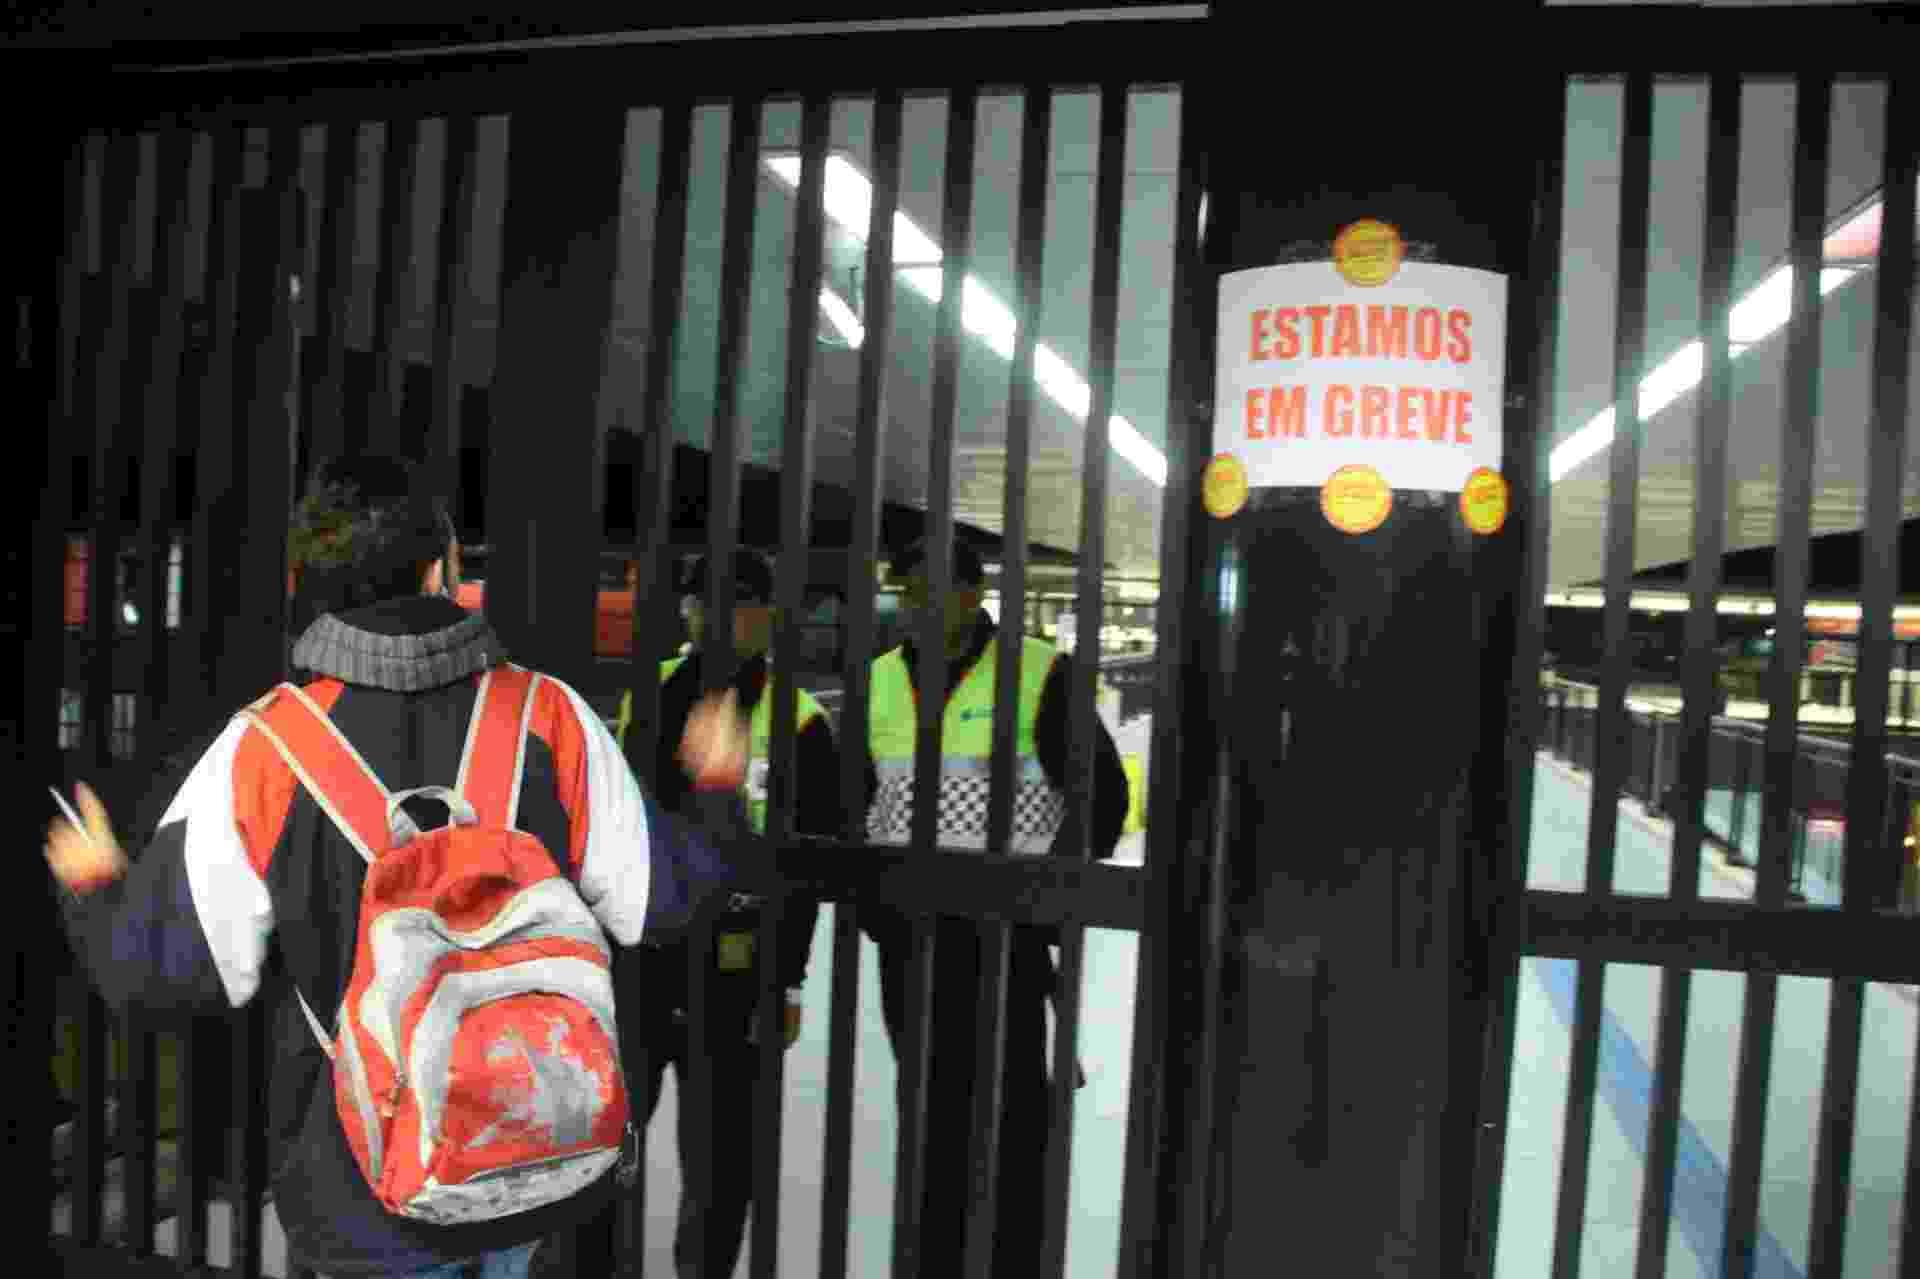 3.jun.2015 - A estação Tamanduateí, da linha 10-turquesa da CPTM (Companhia Paulista de Trens Metropolitanos), amanheceu fechada nesta quarta-feira (3). Os funcionários decidiram, em assembleia na noite de terça-feira (2), entrar em greve. Os ferroviários pedem aumento salarial e de benefícios - Amauri Nehn/Brazil Photo Press/Estadão Conteúdo